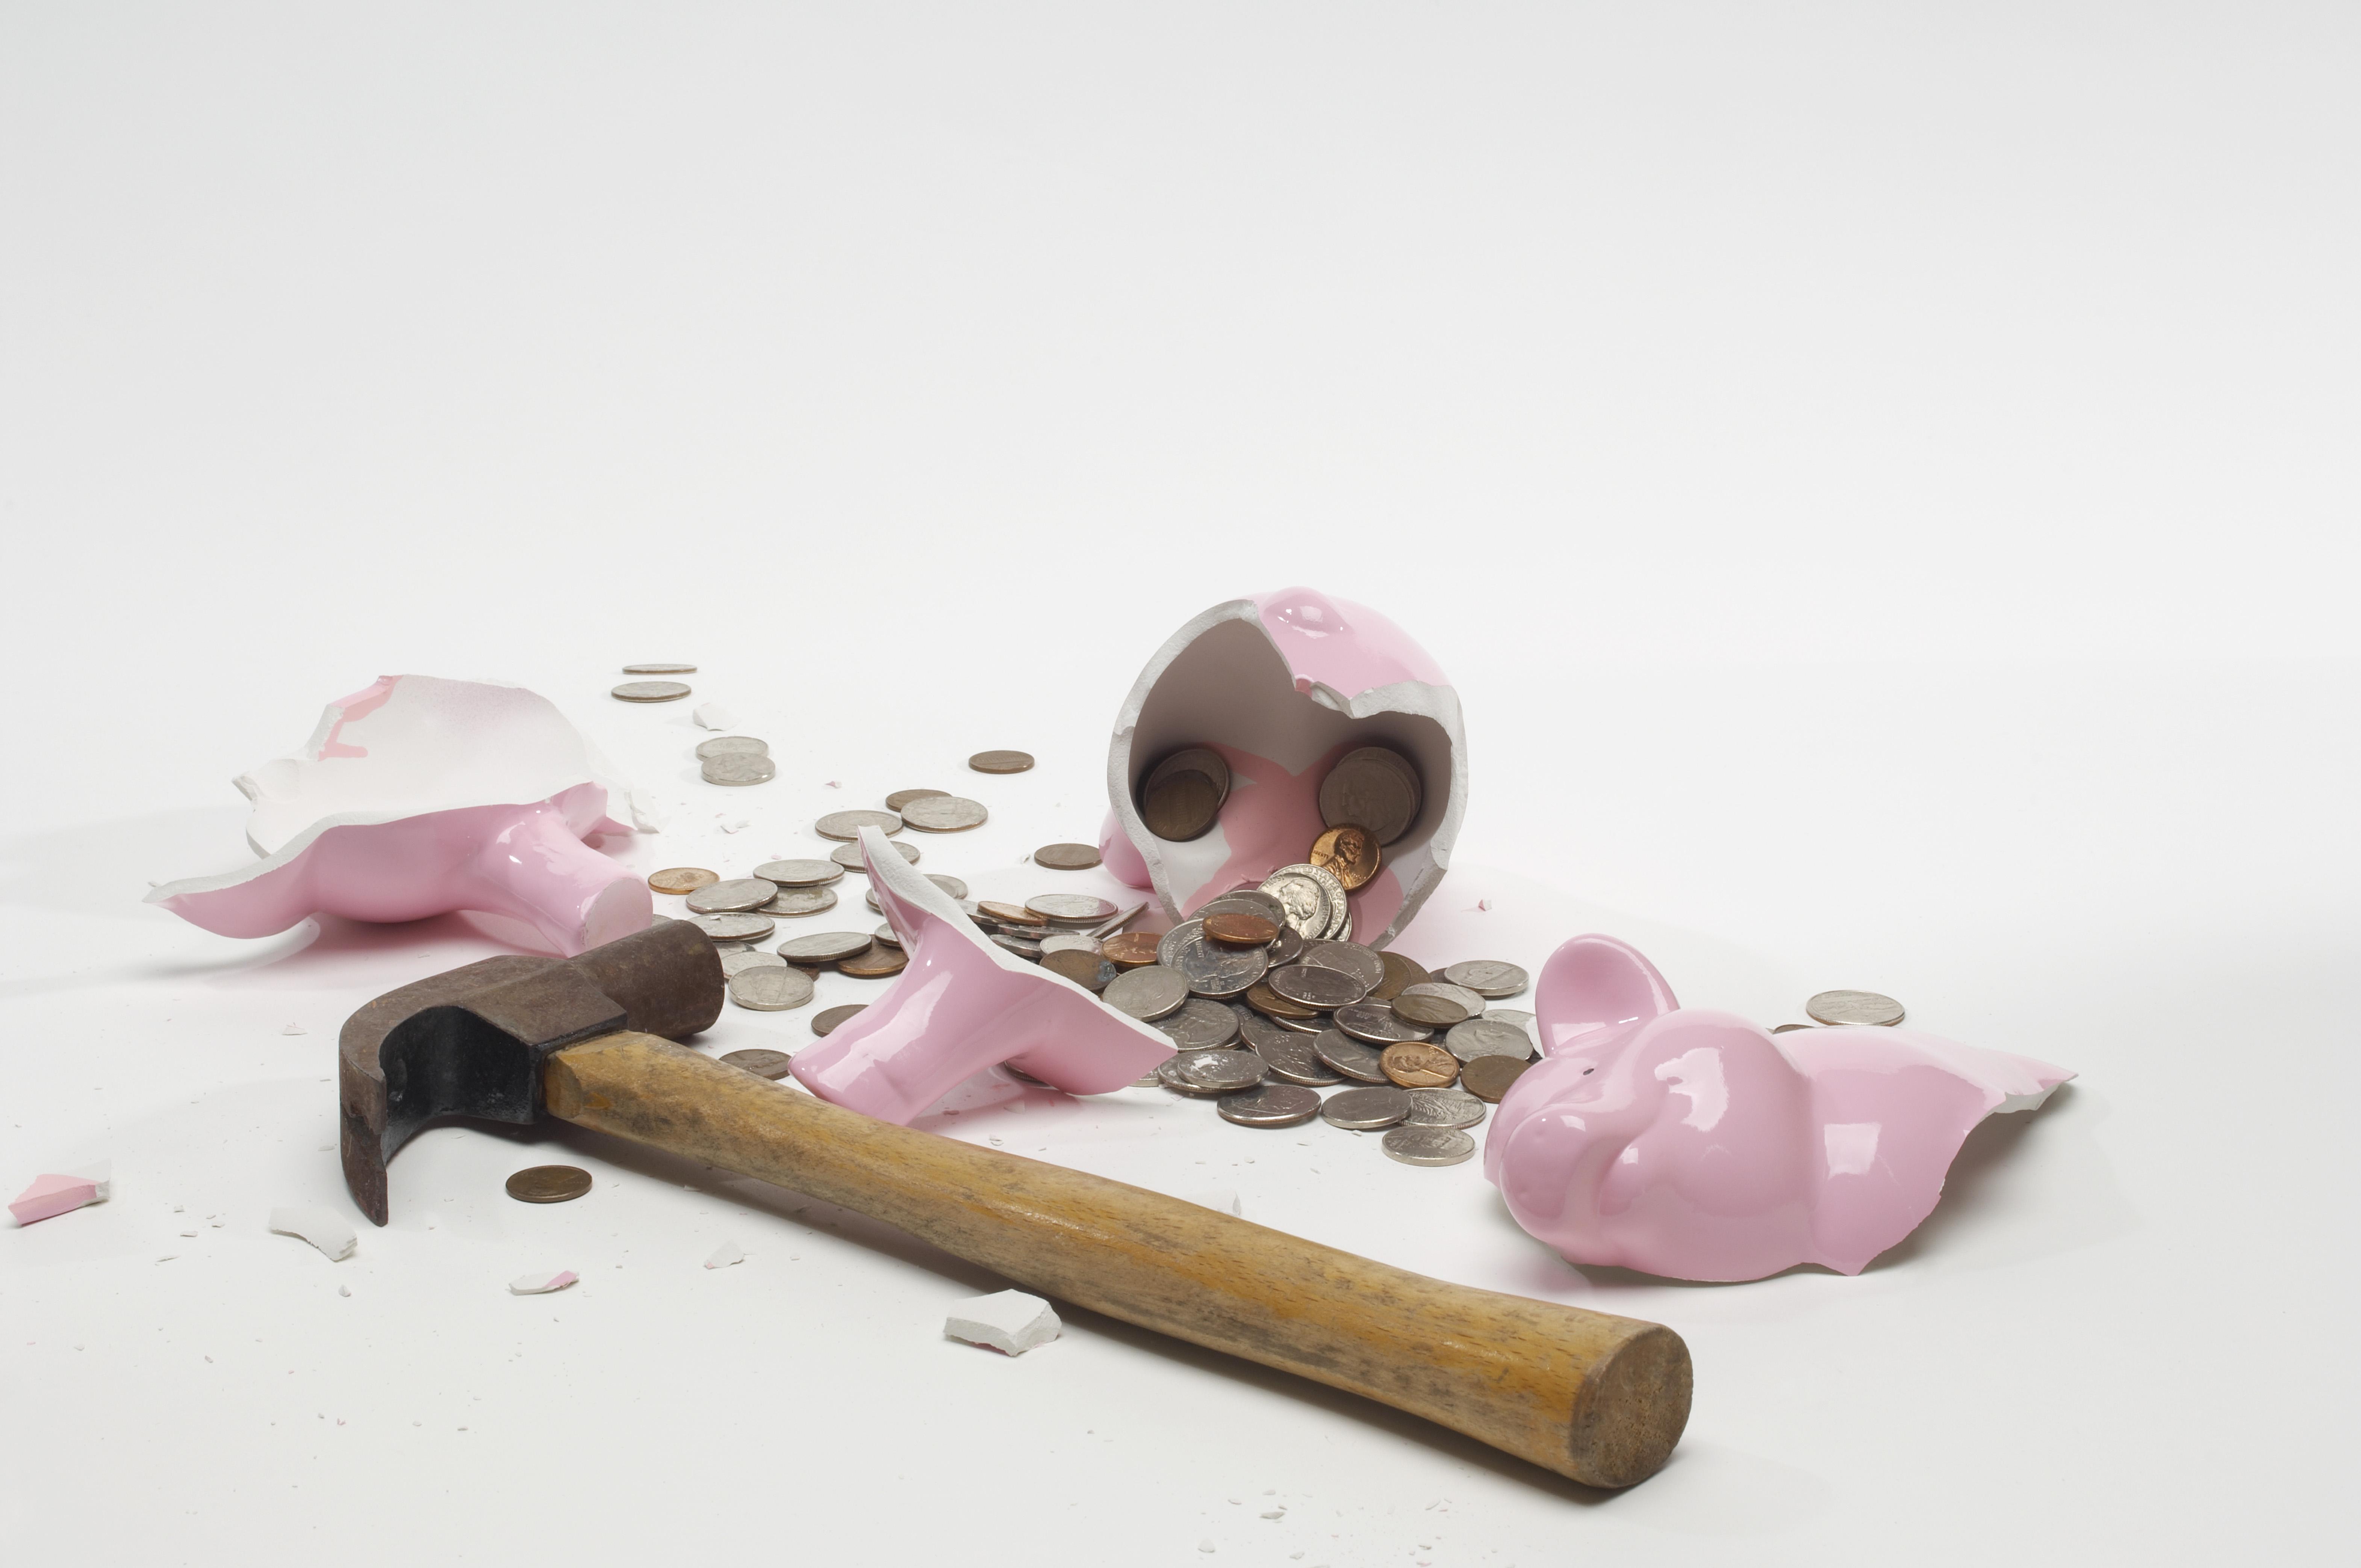 1908716 Comment faire pour réduire les coûts sur votre entreprise en ligne?